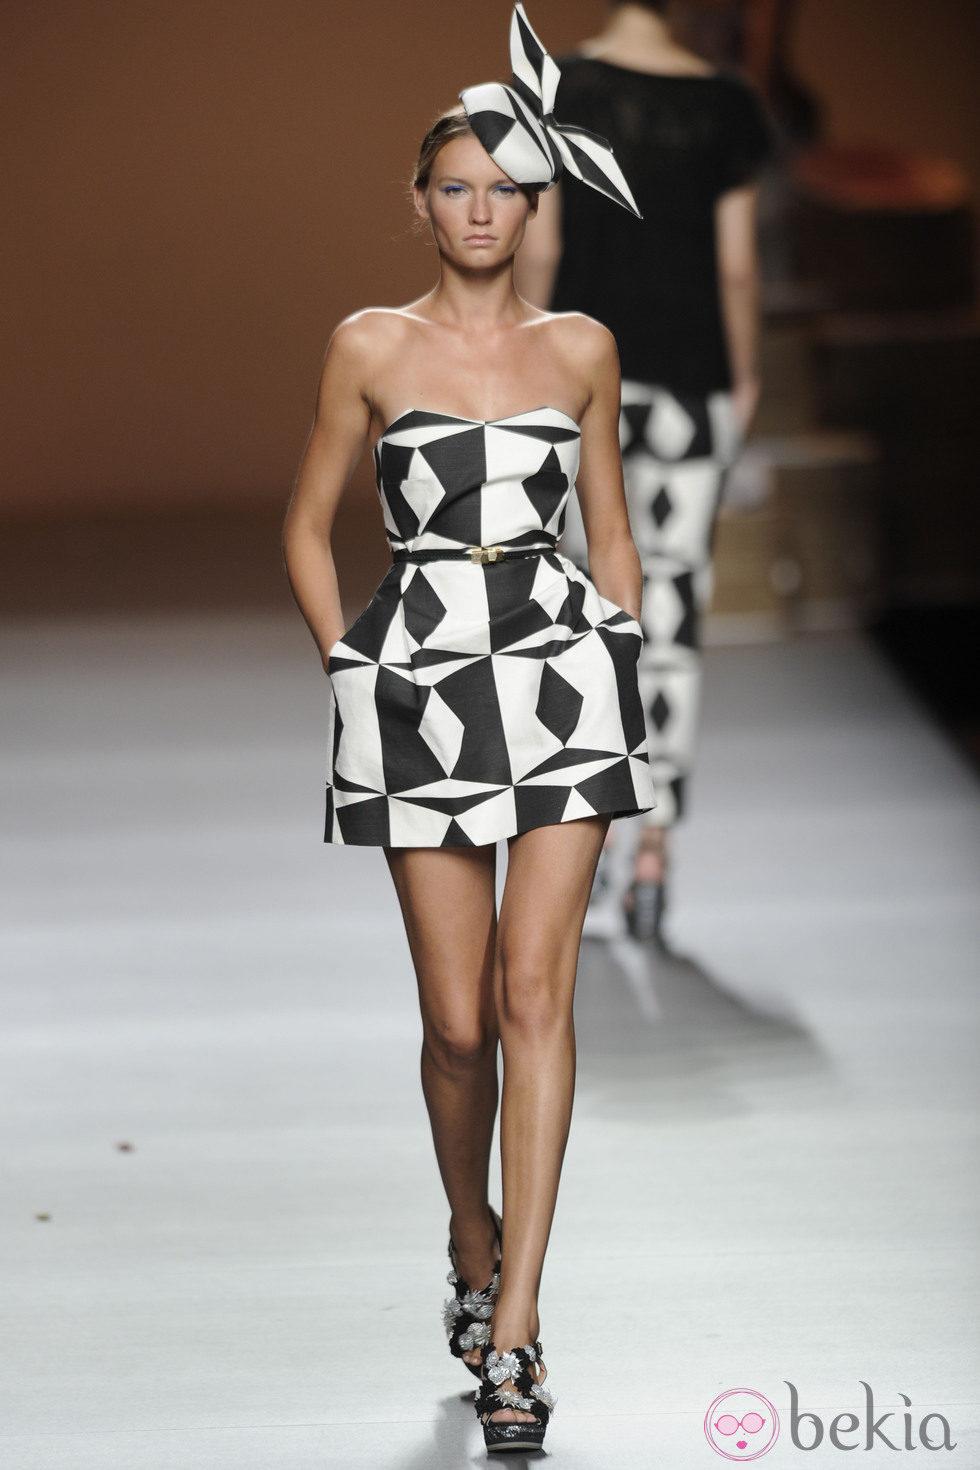 Tendencias en vestidos blanco y negro